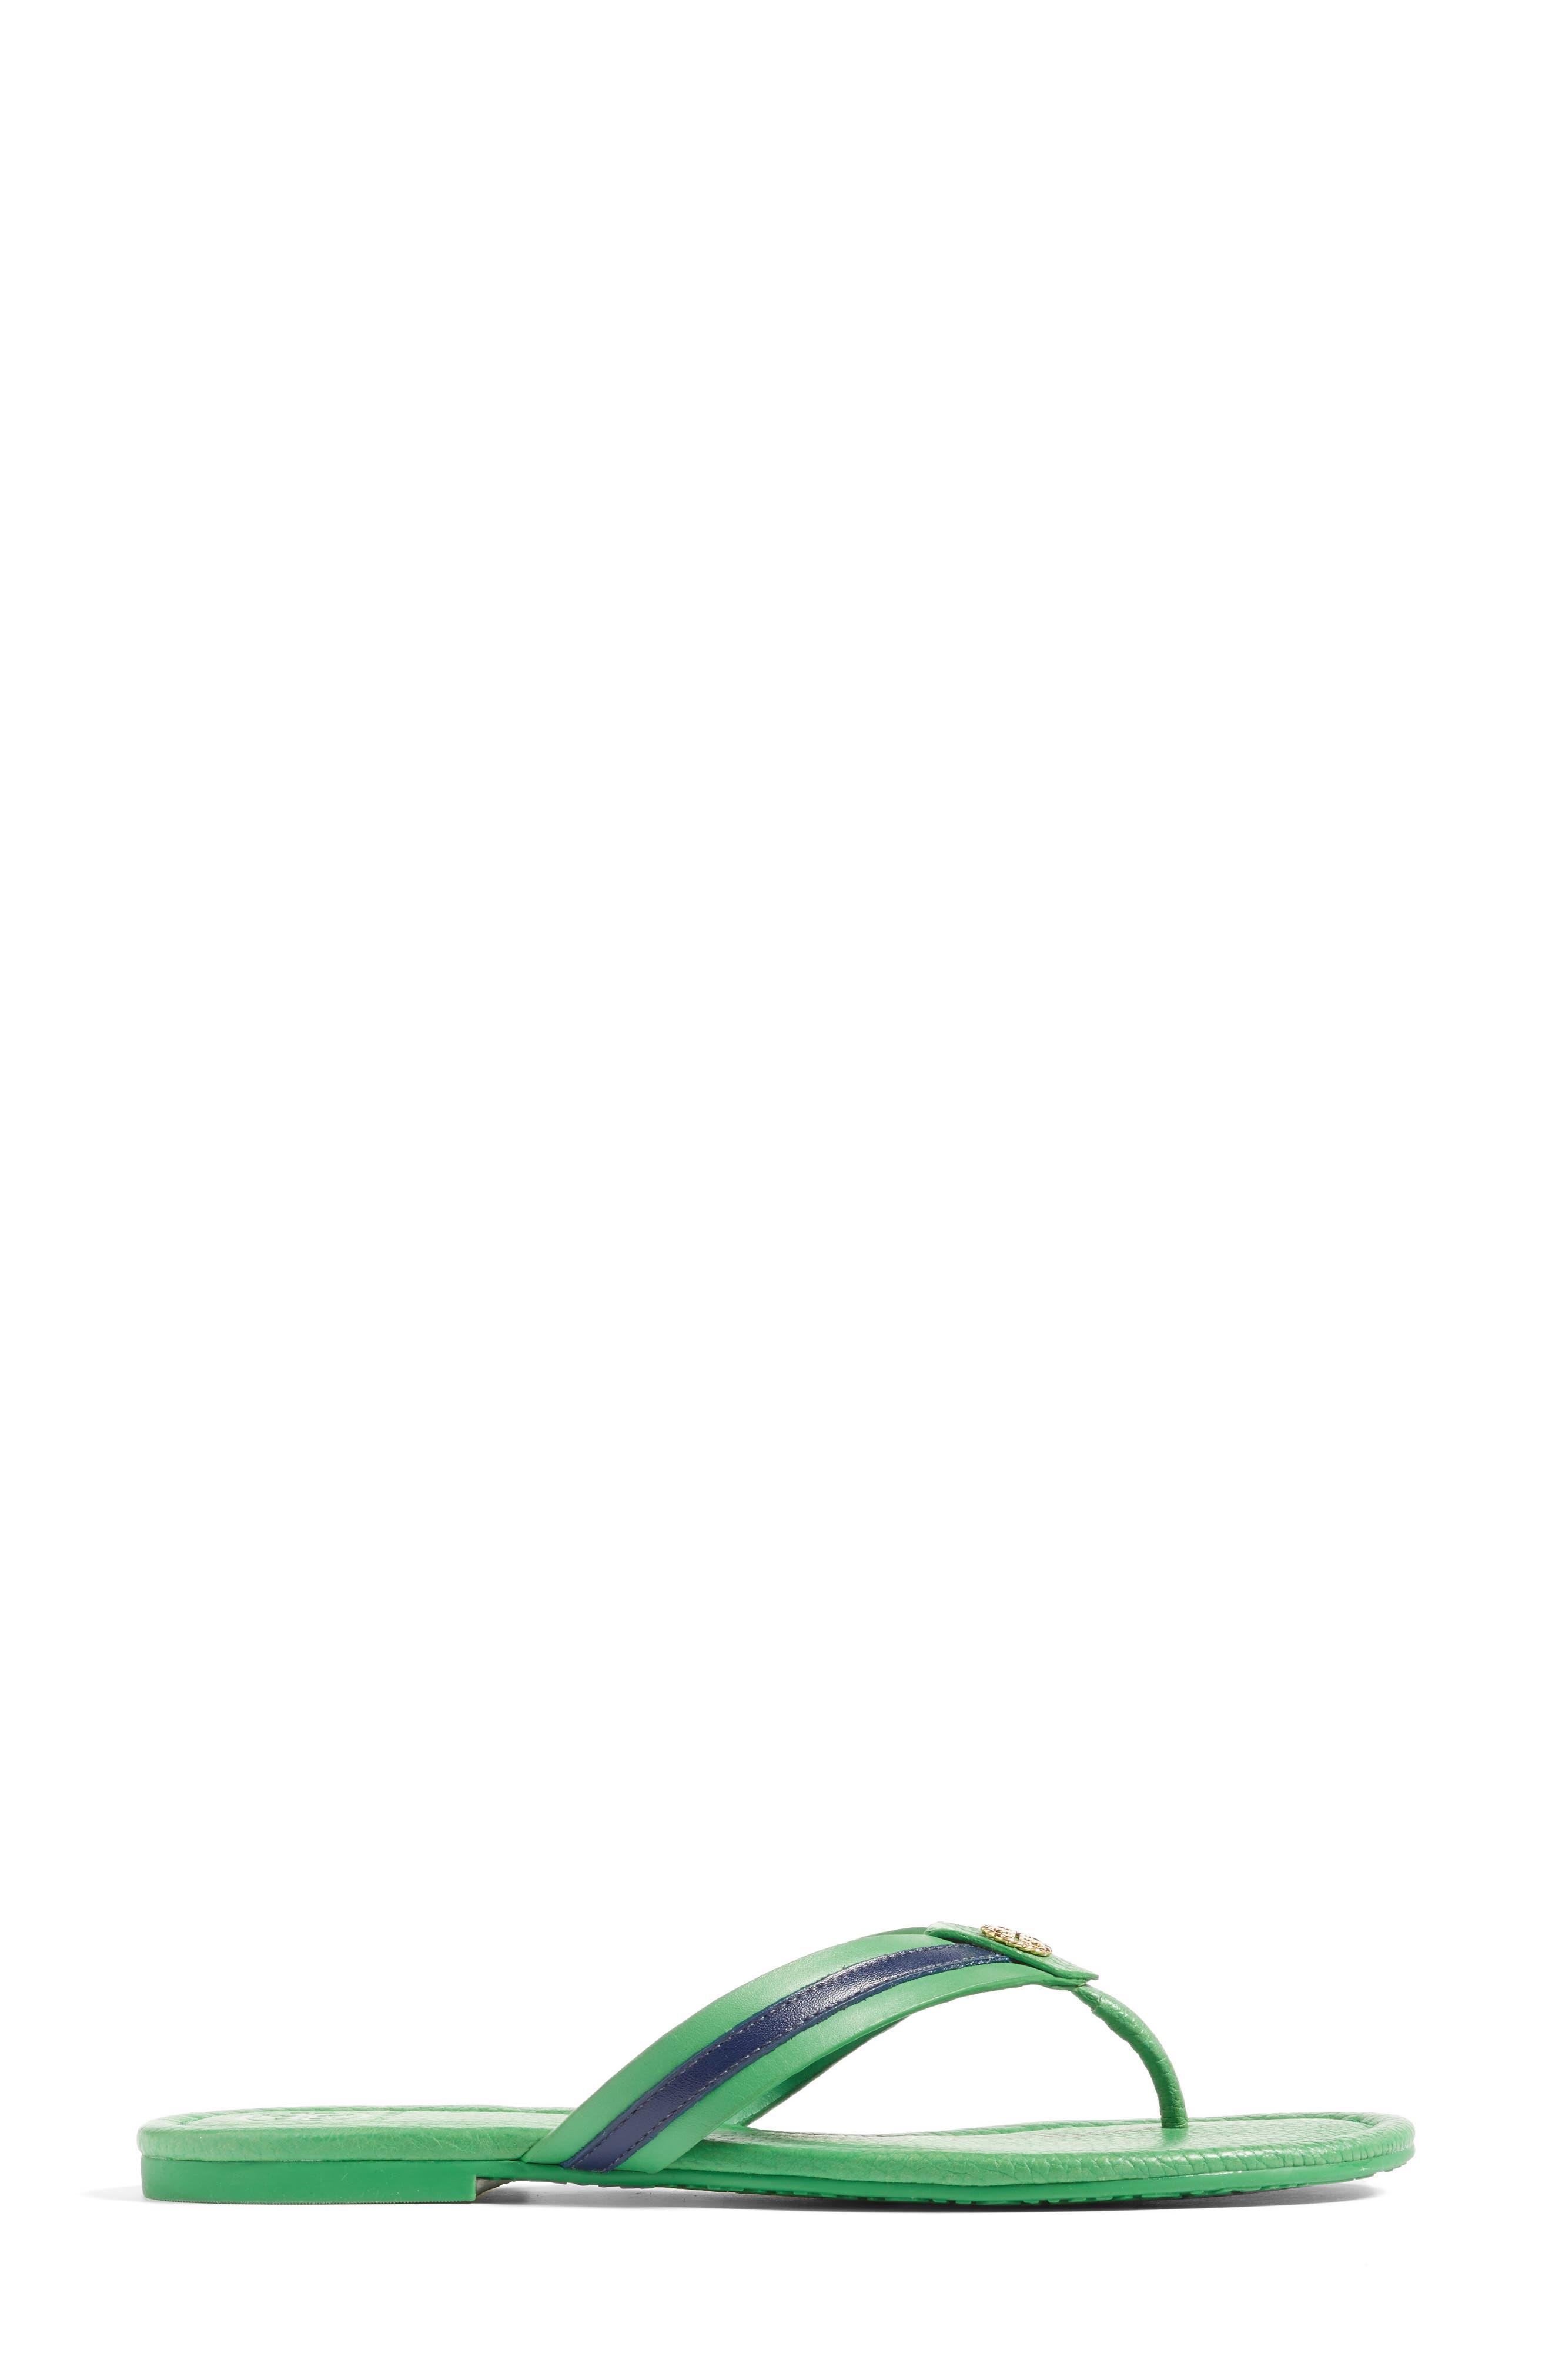 Maritime Flip Flop,                             Alternate thumbnail 2, color,                             319